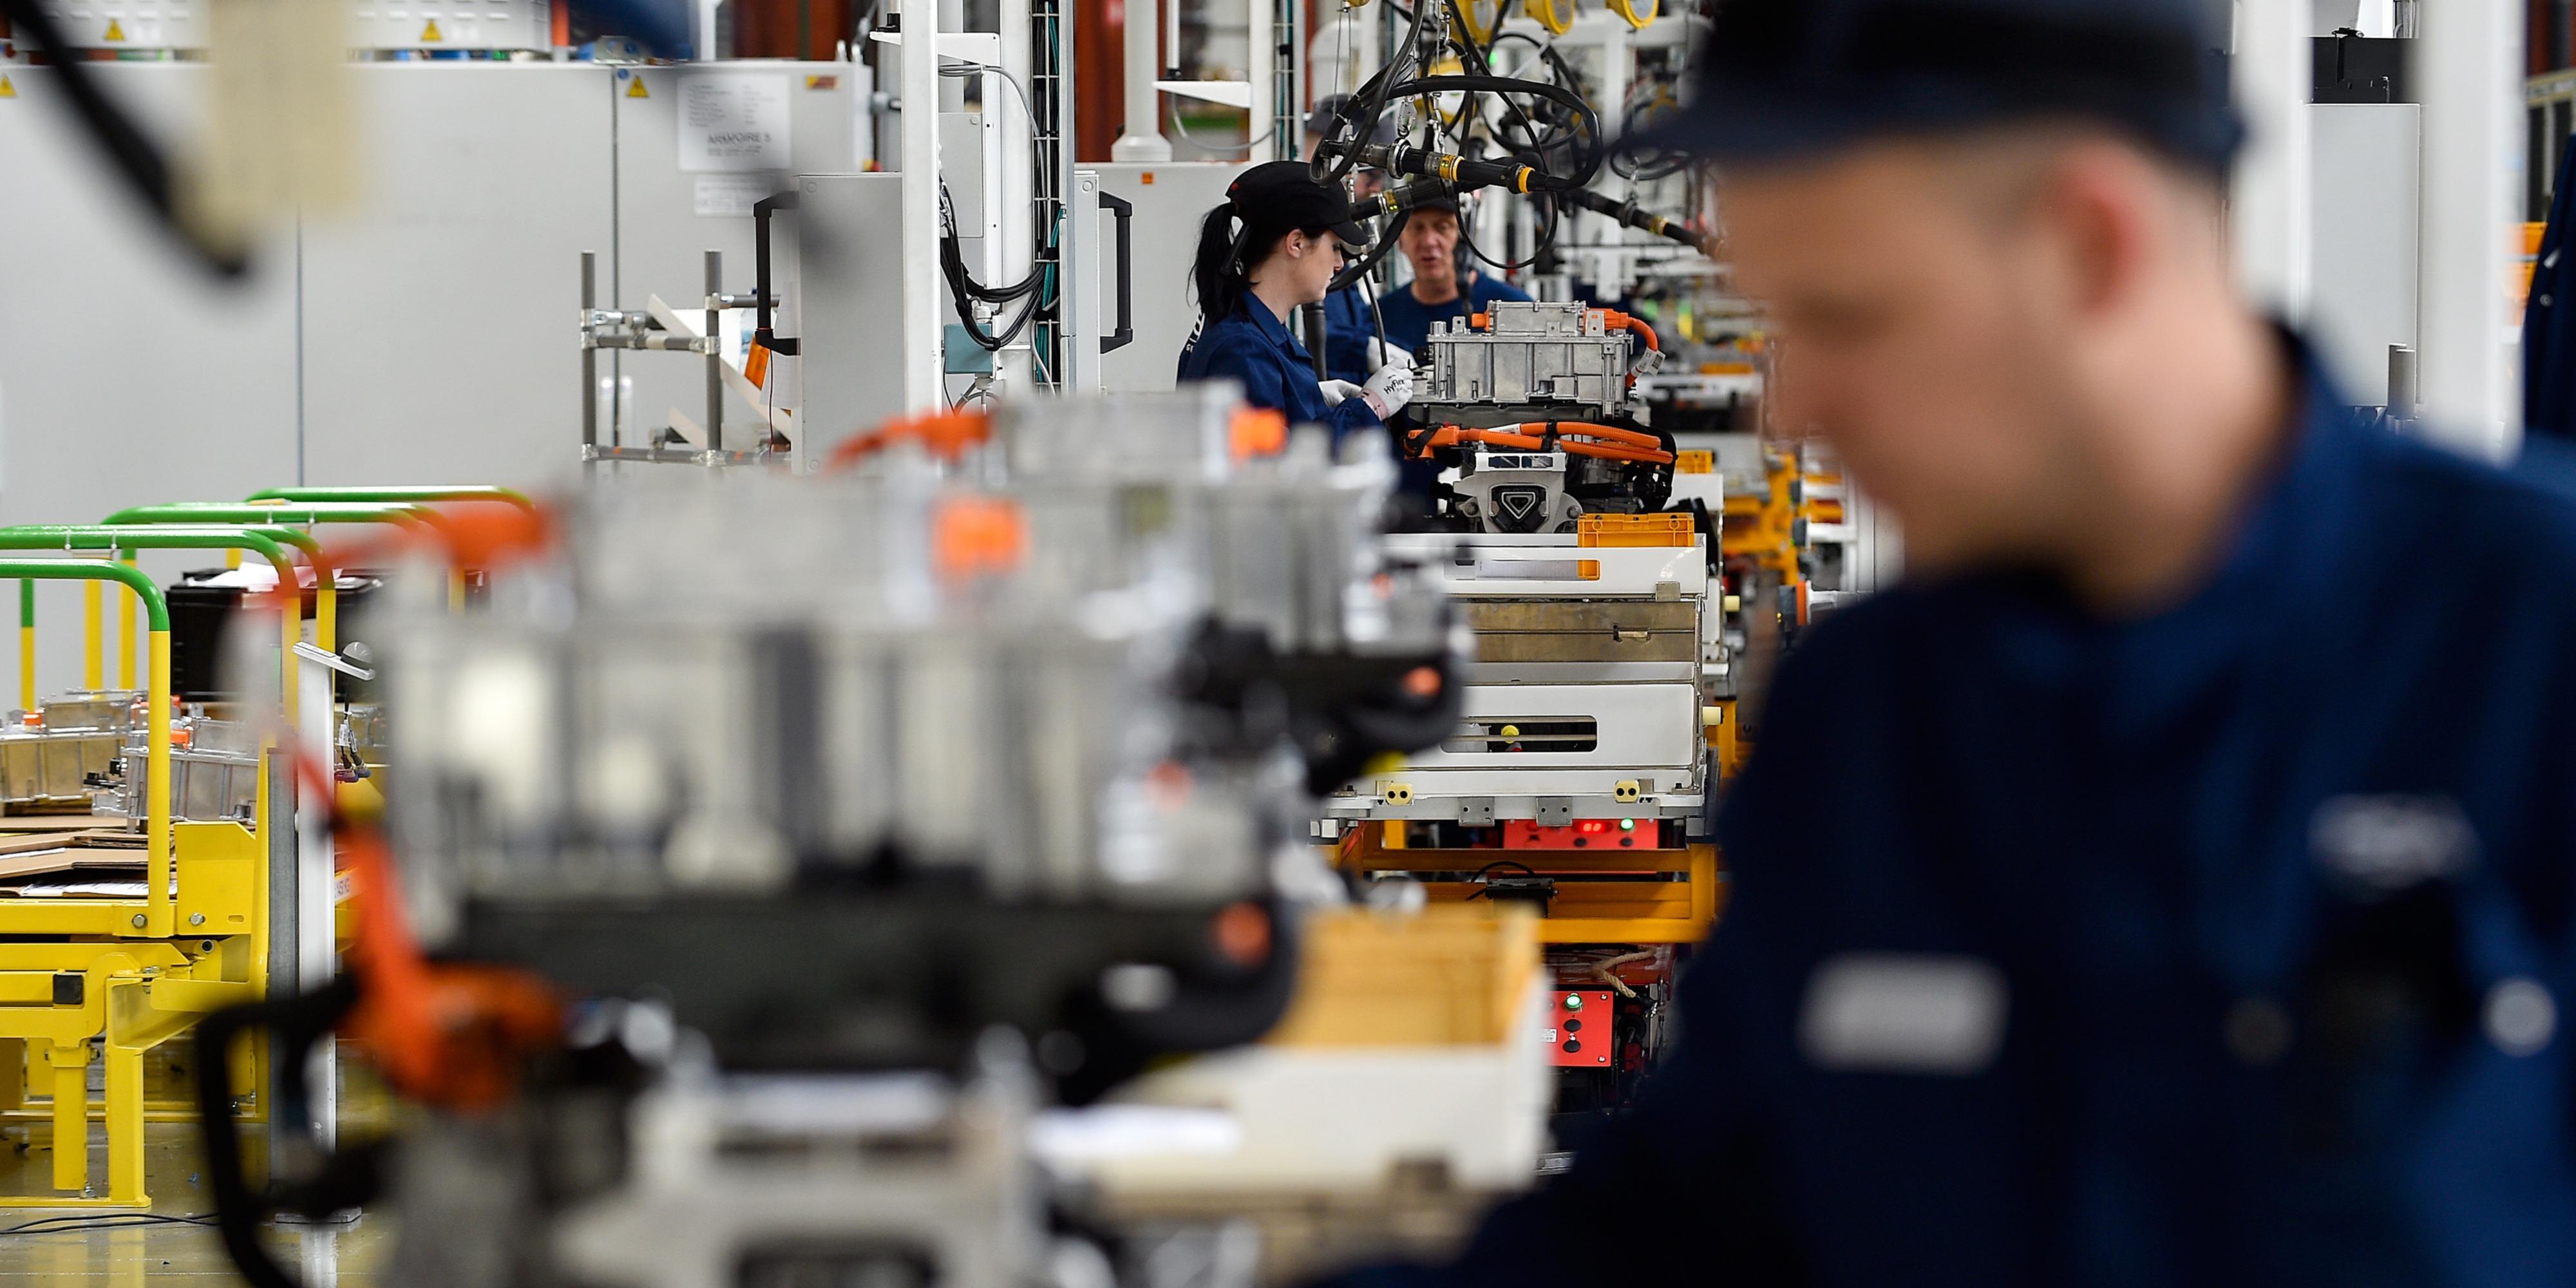 Pourquoi le made in France n'est pas une protection contre le travail des enfants